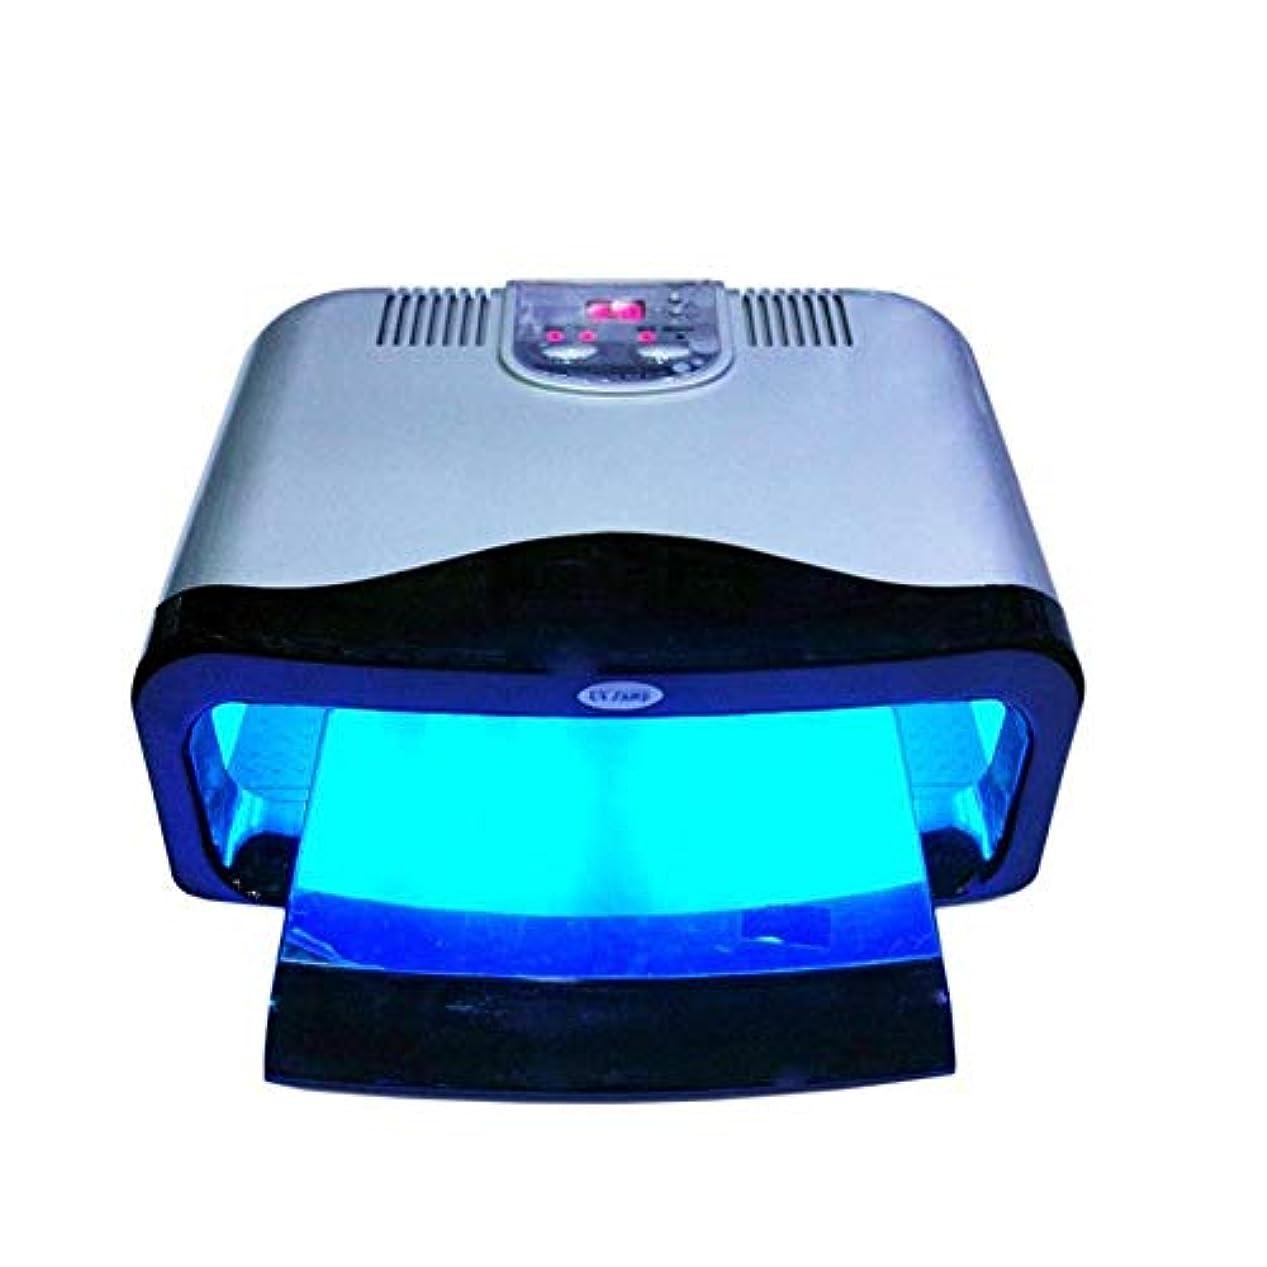 湿気の多い富豪パワーセル12W USbMiniネイルドライヤーLED UVランプ硬化用クイックドライジェルネイルポリッシュ硬化ランプLEDレインボーランプ用ネイルアートツールレッド/ローズ/ブラック/ホワイト